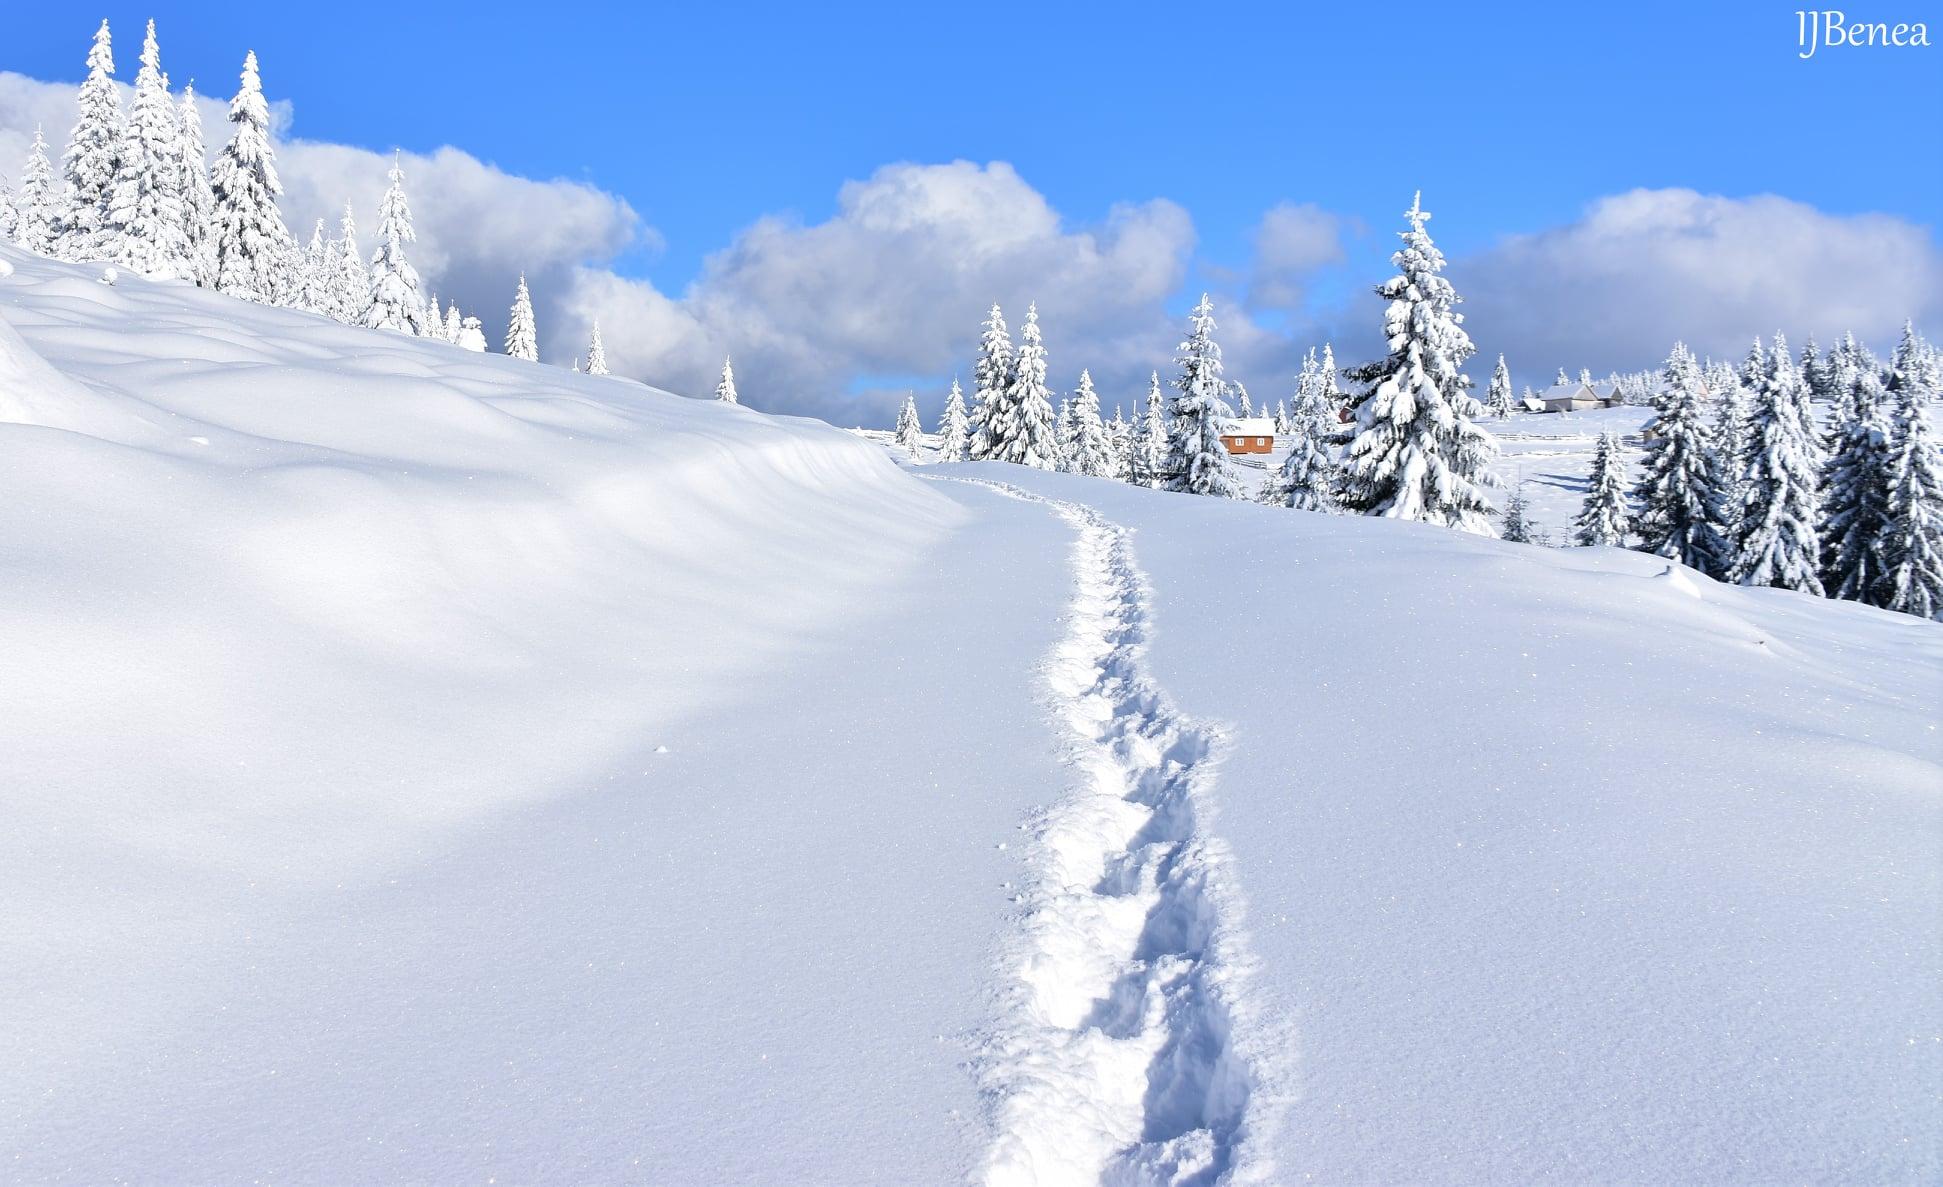 Drumul prin Imparatie iernii - Ioan Benea Jurca